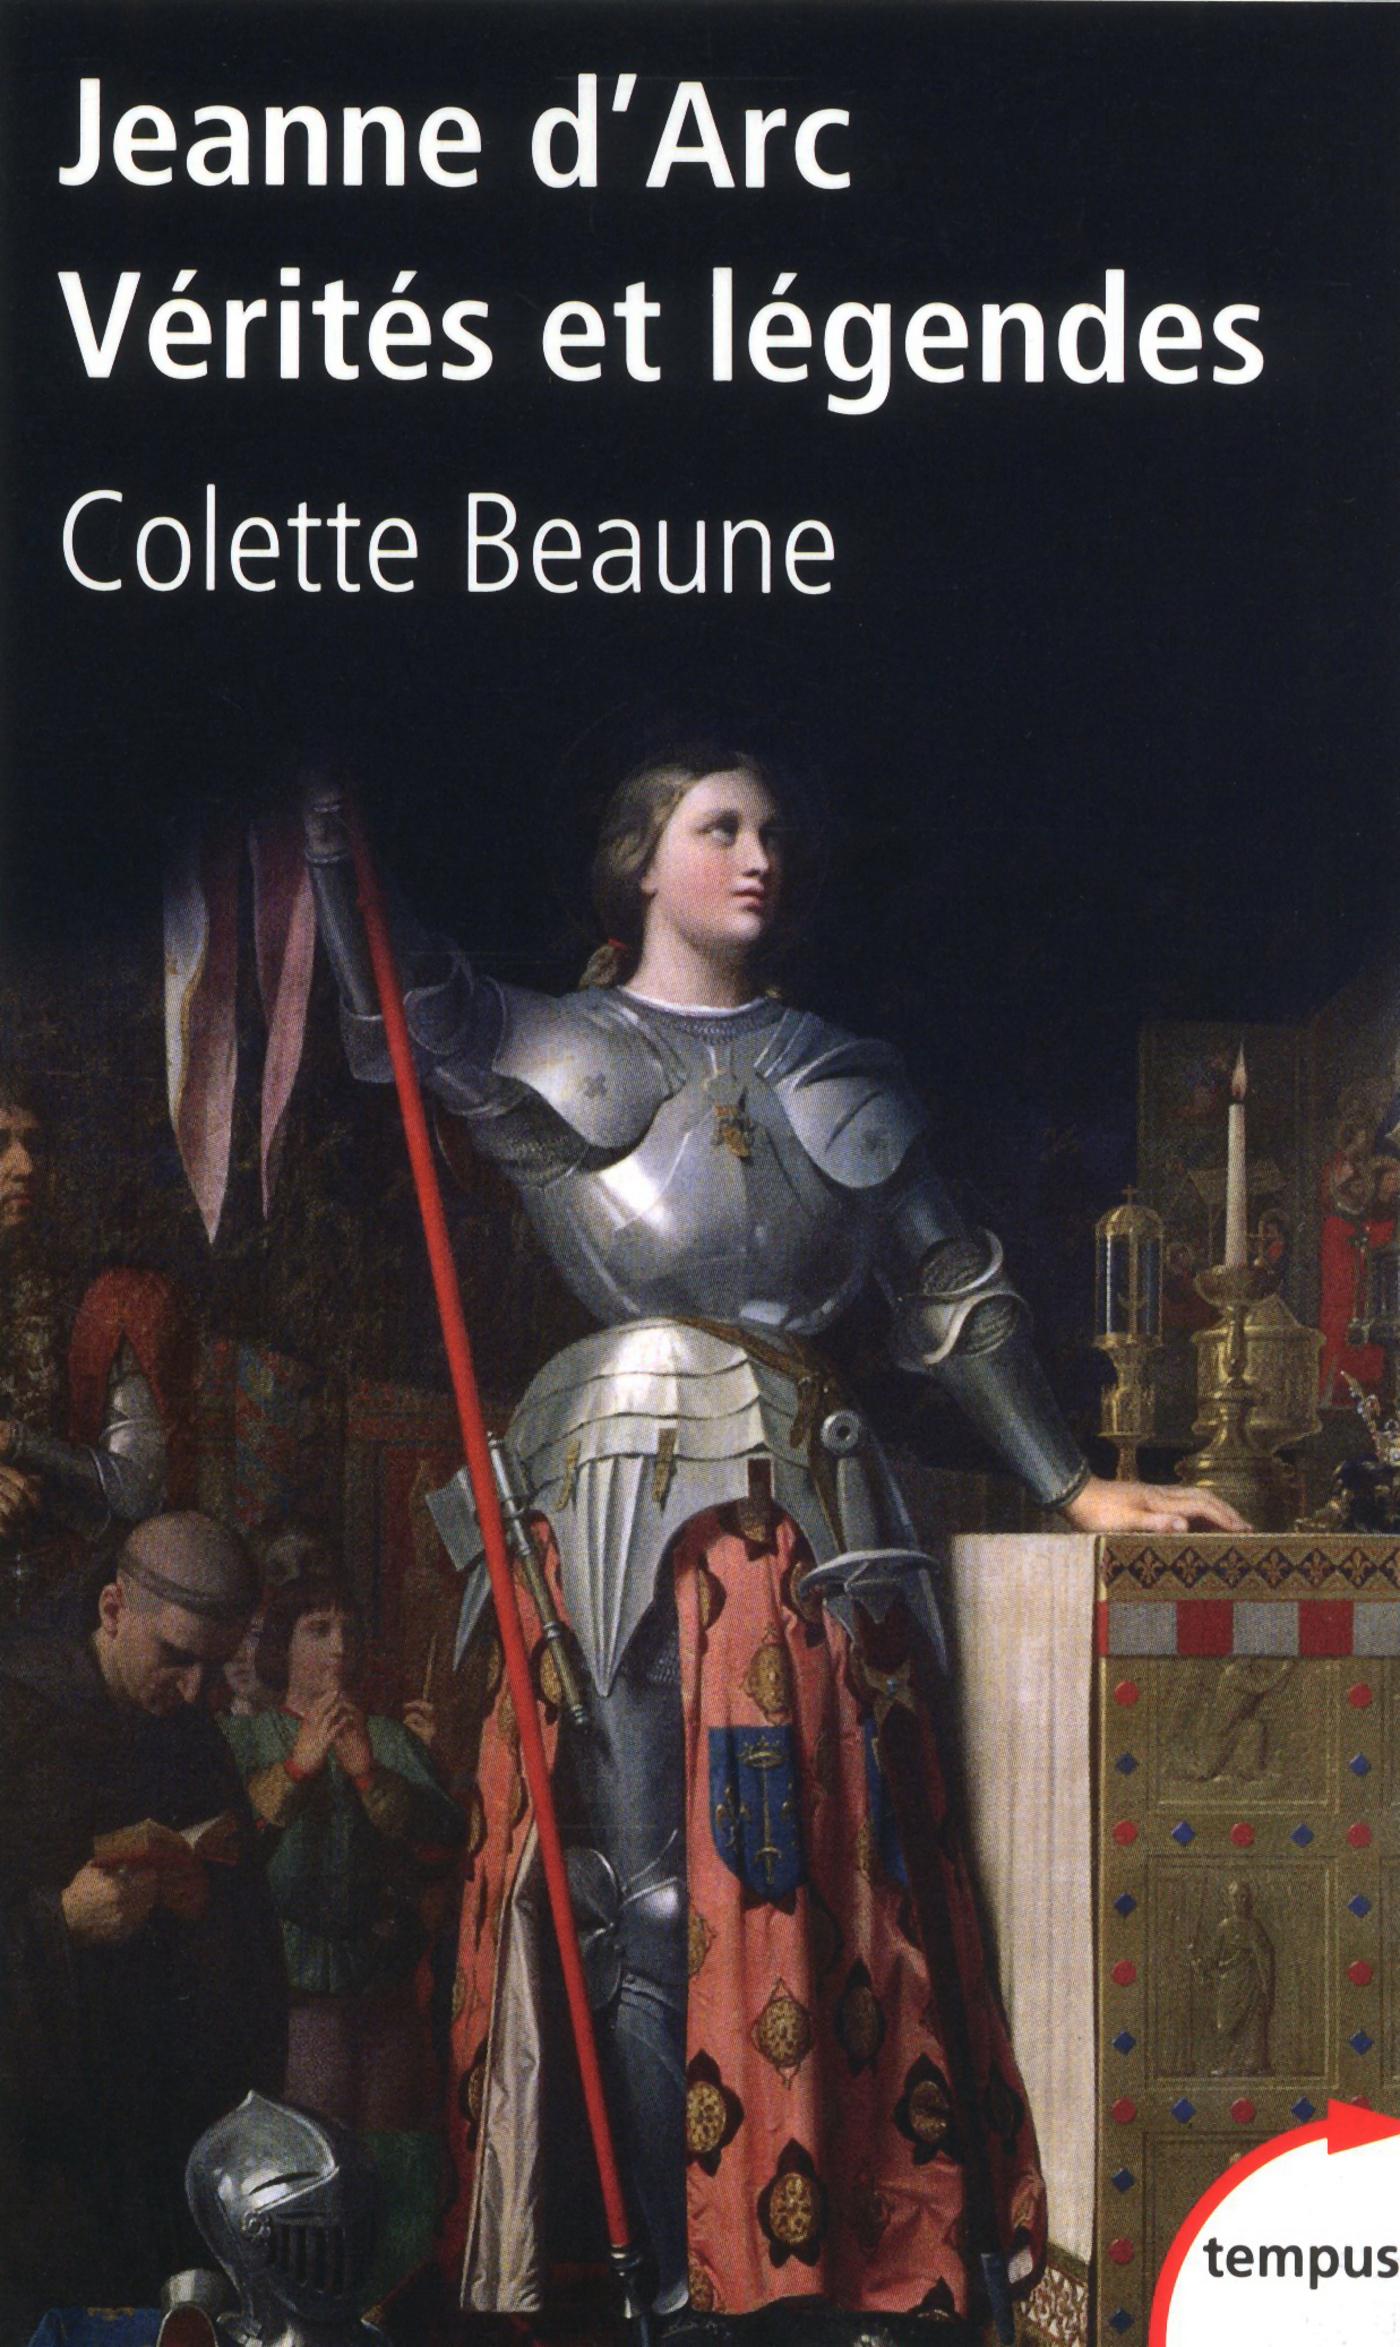 Jeanne d'Arc, Vérités et légendes (ebook)